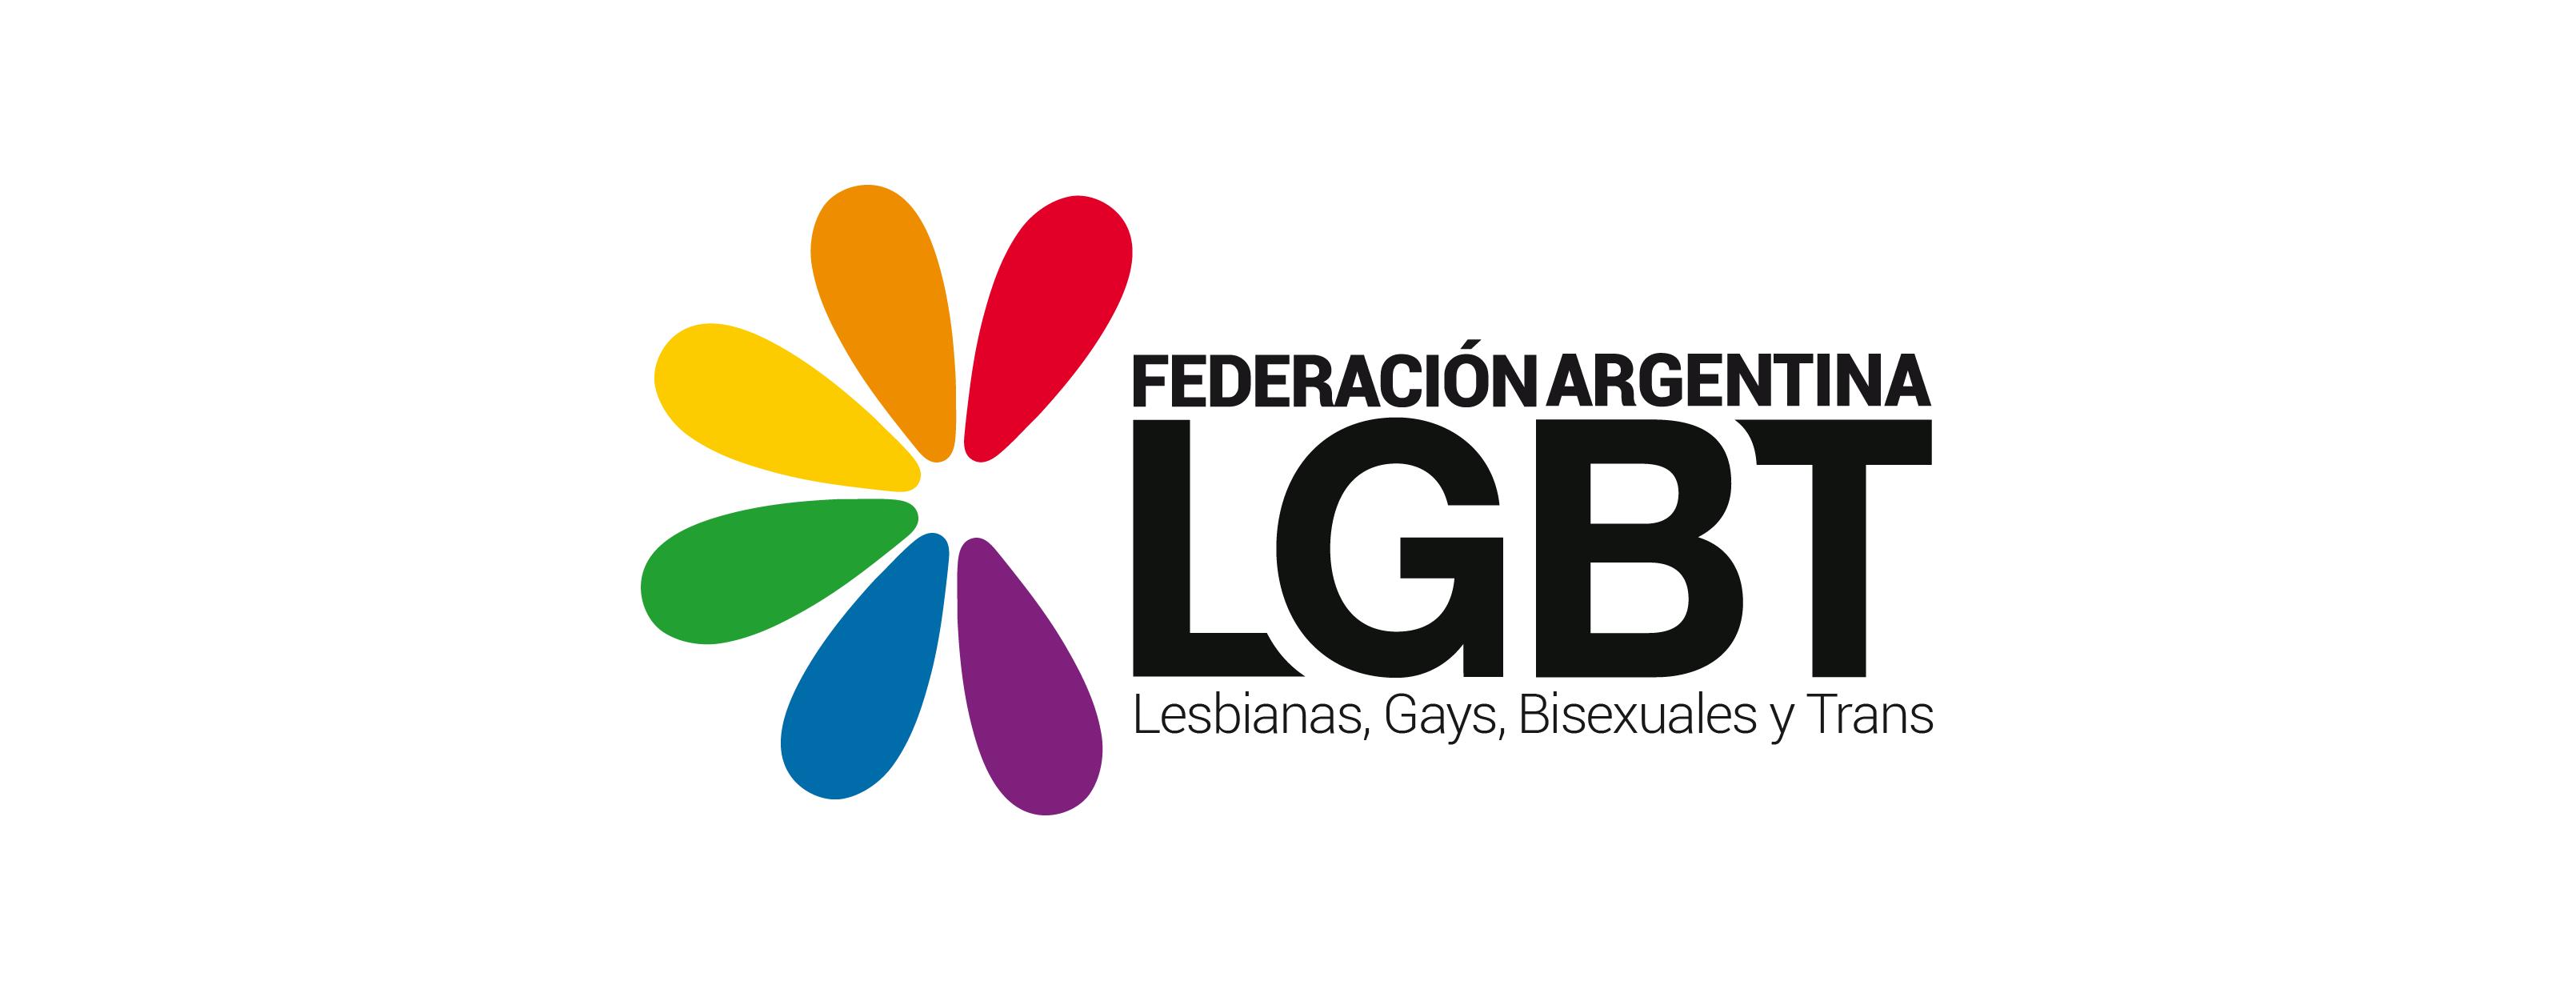 La FALGBT no participará de la Mesa del Consejo Consultivo Asesor de la CABA por falta de políticas públicas en diversidad